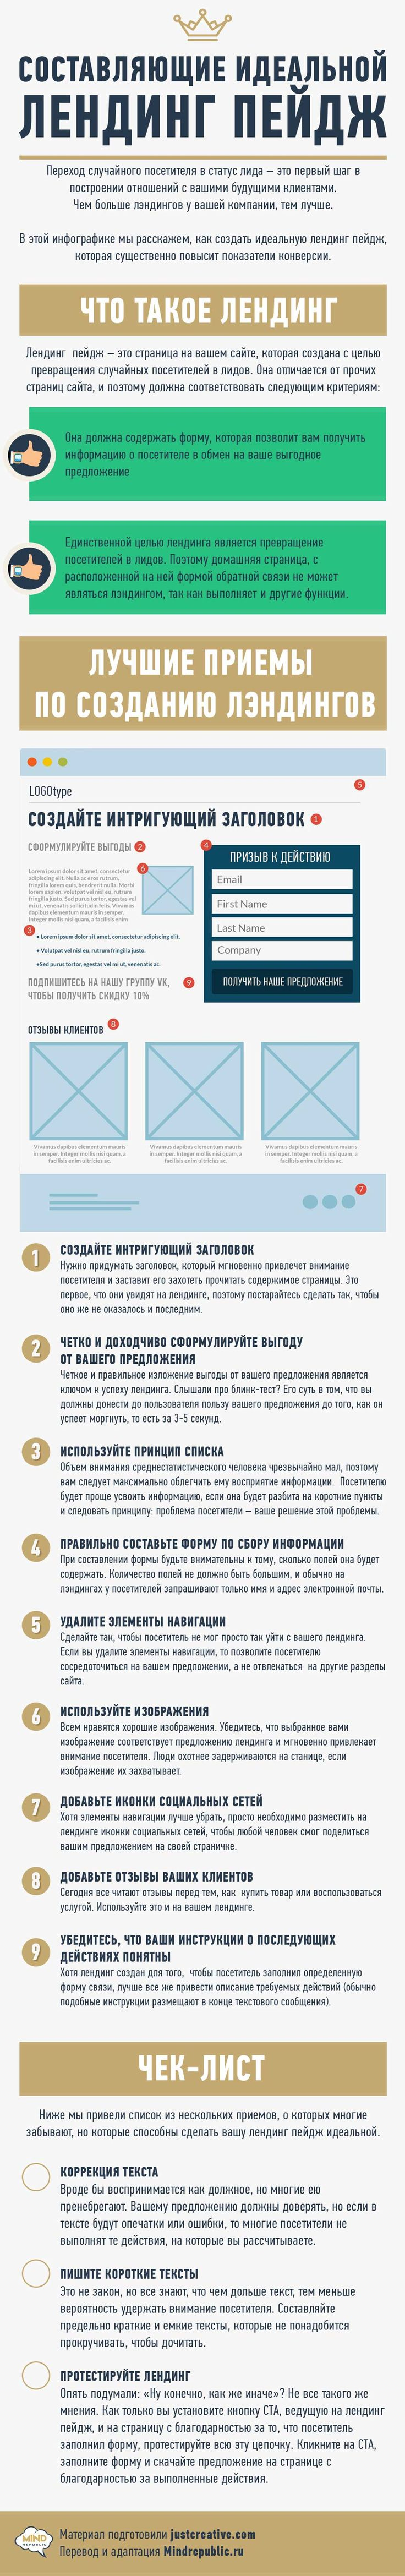 #Landing page #infographic. Заказать #лендинг педж в Москве. #Инфографика про лендинги